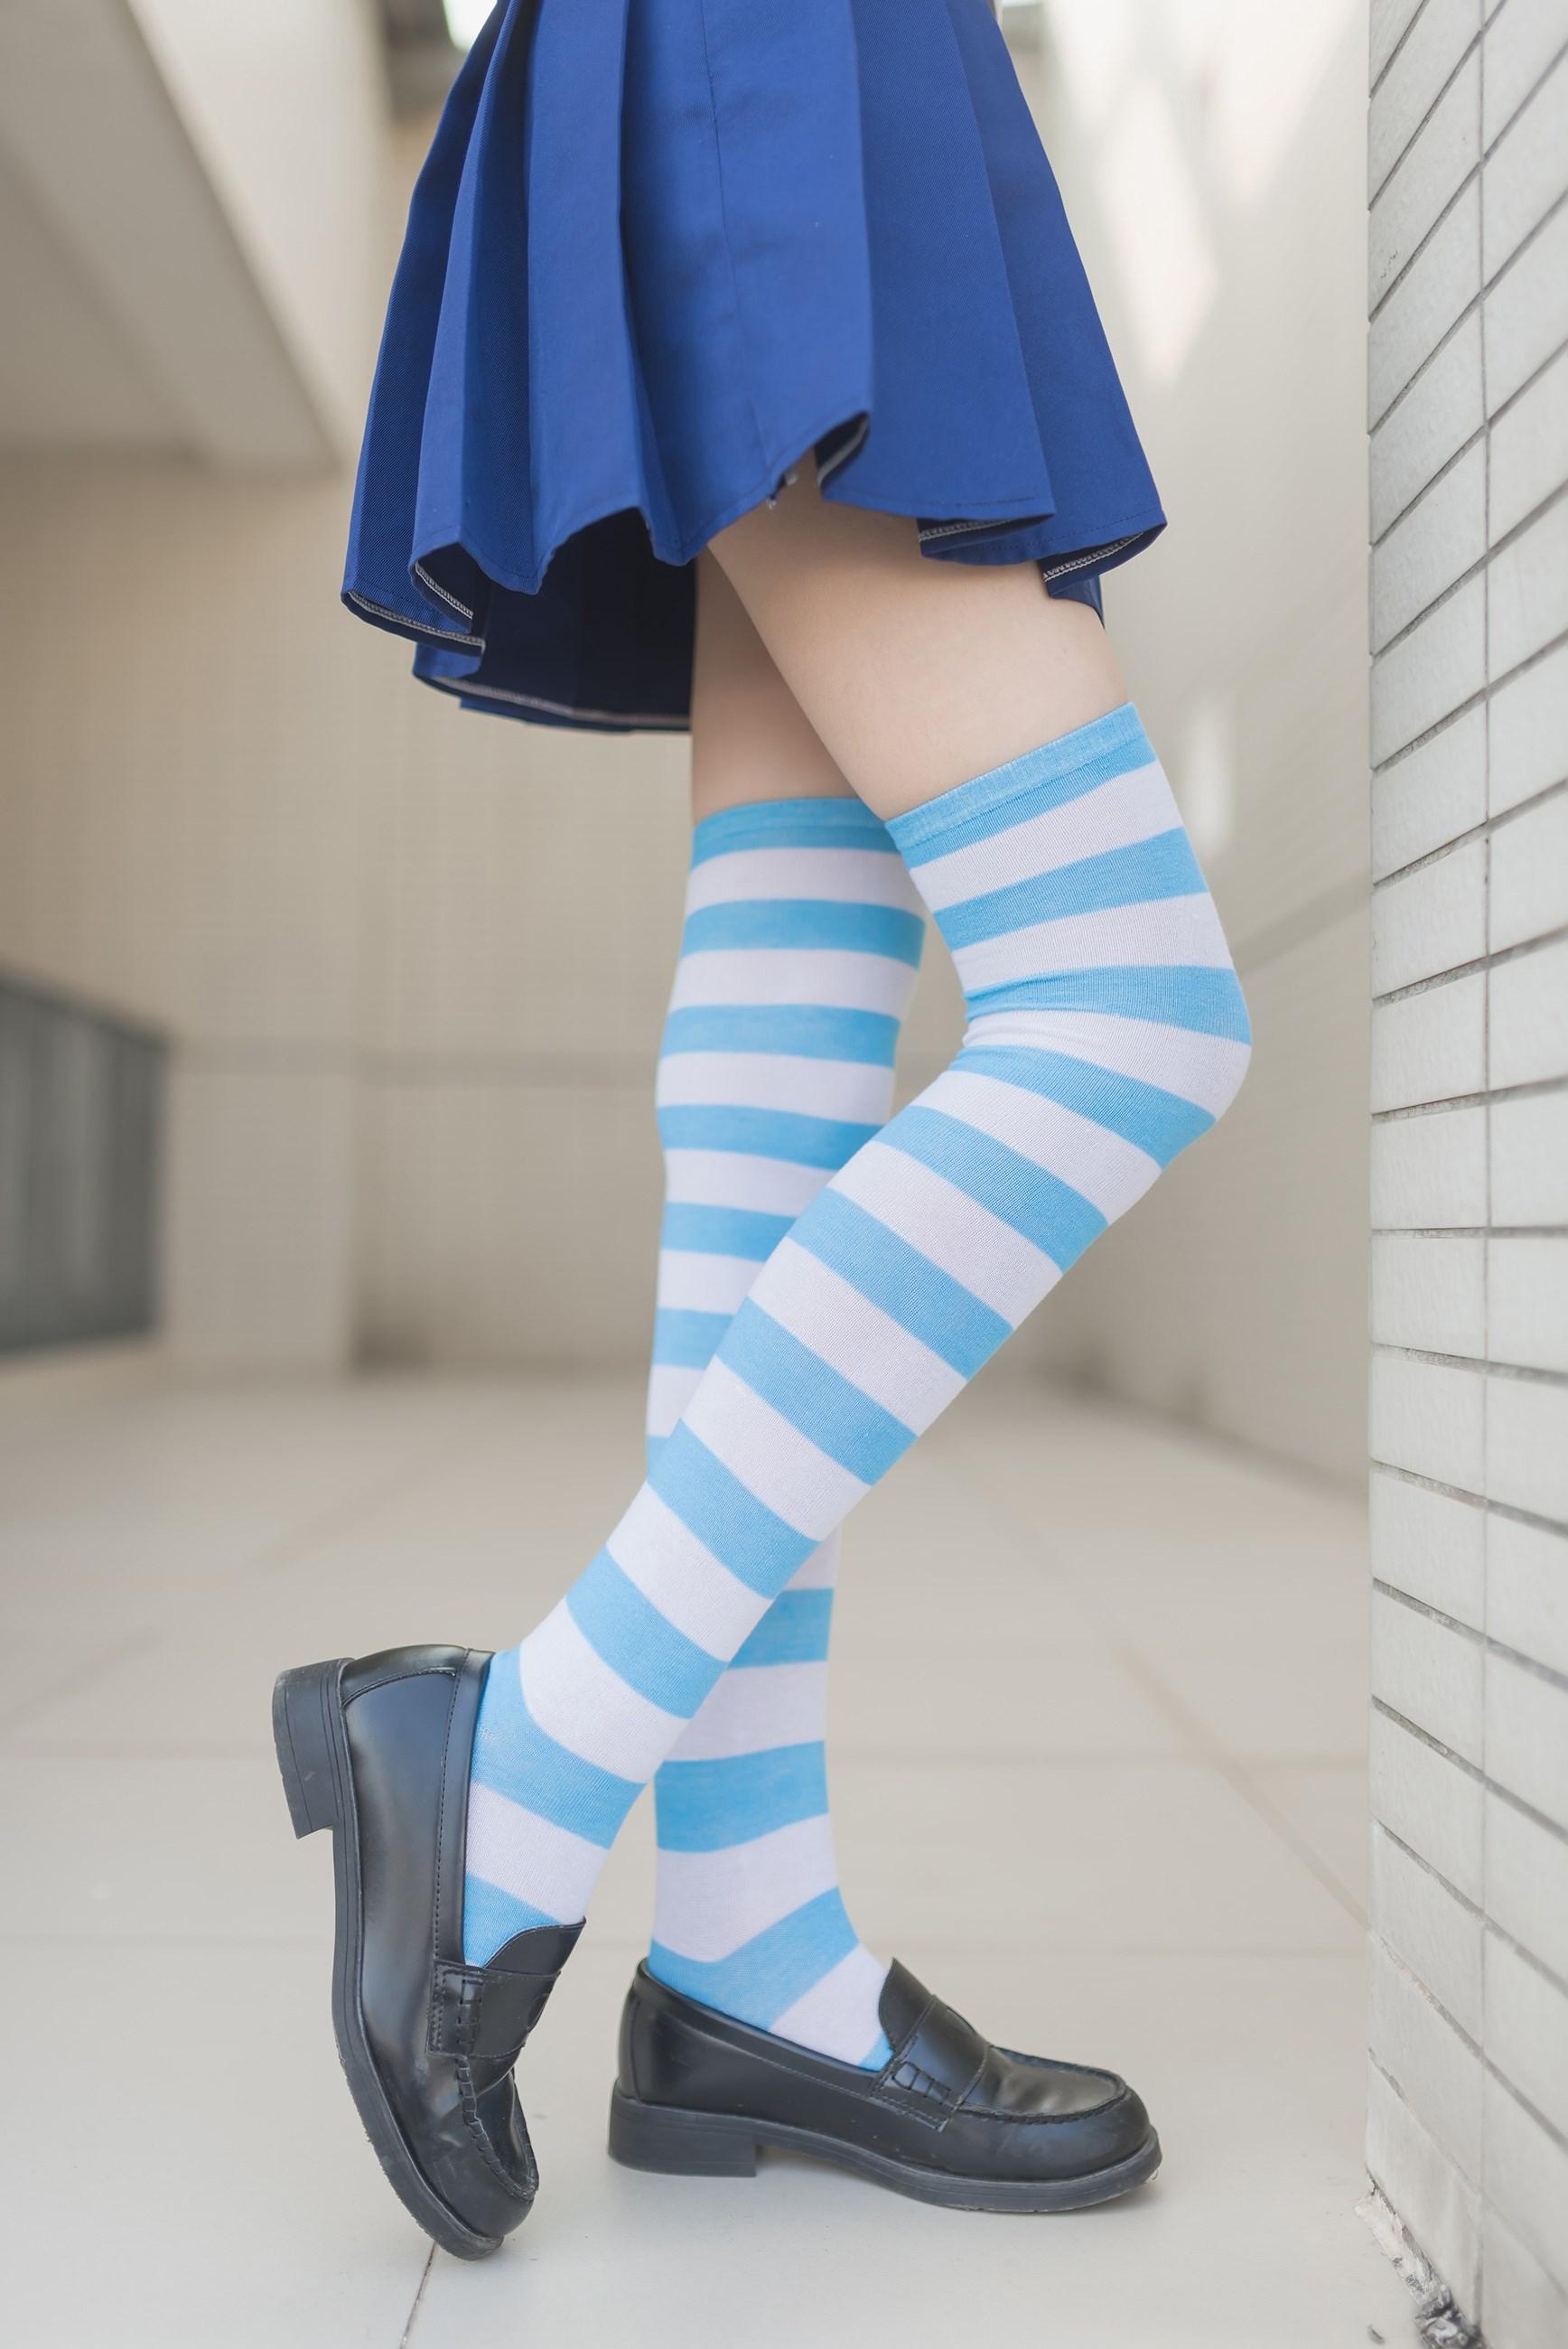 【兔玩映画】蓝白条纹的小细腿 兔玩映画 第25张